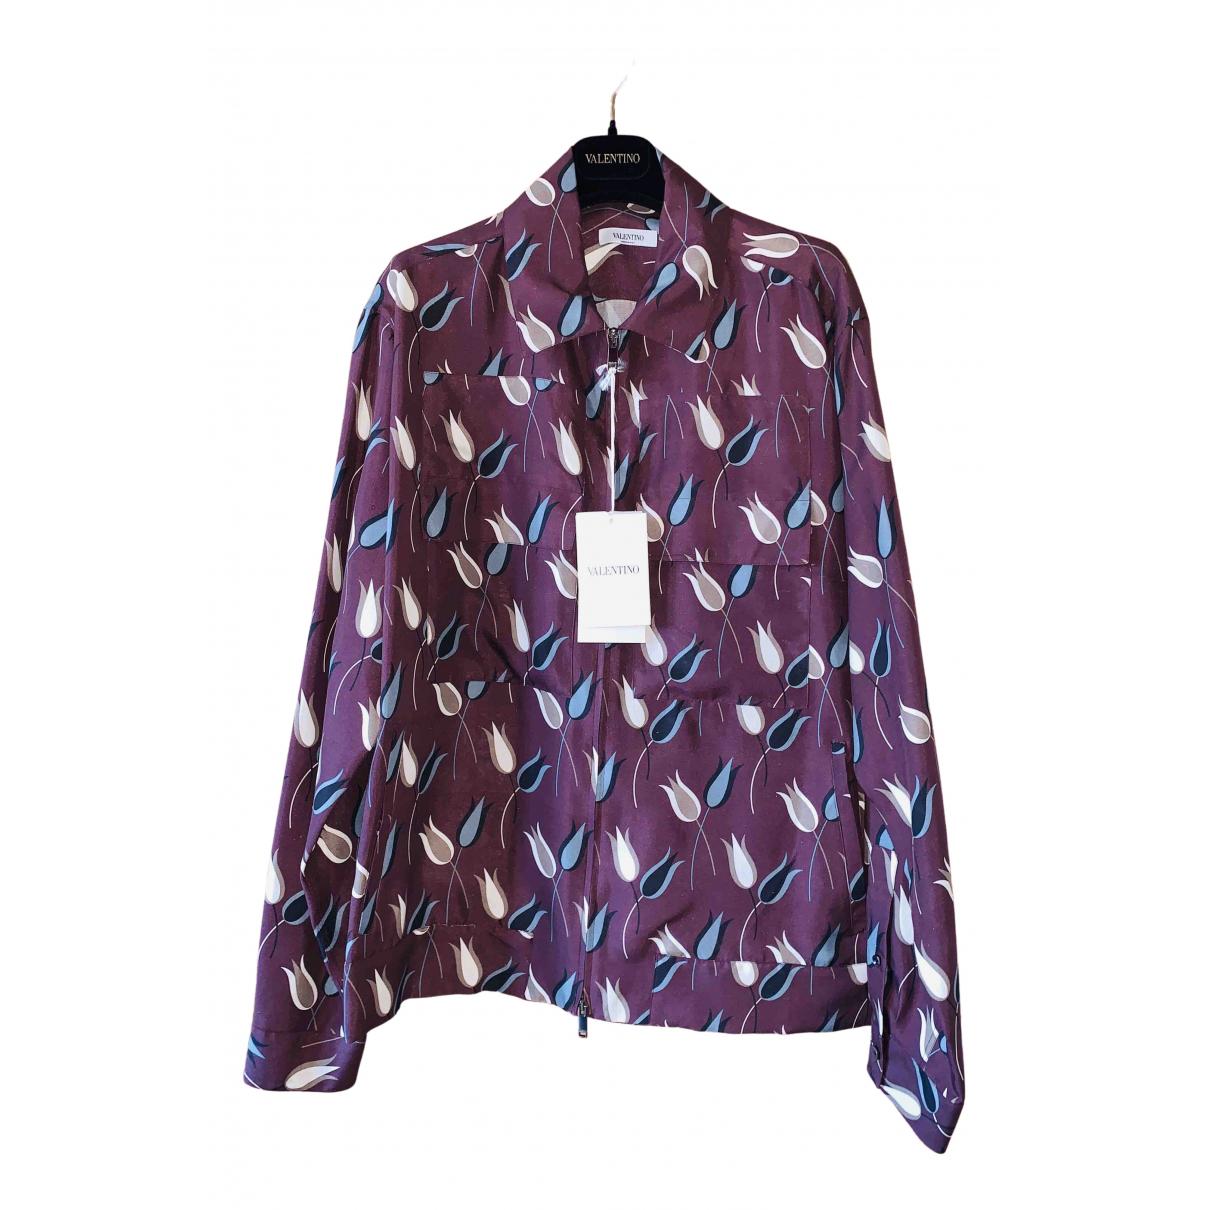 Valentino Garavani - Chemises   pour homme en soie - violet